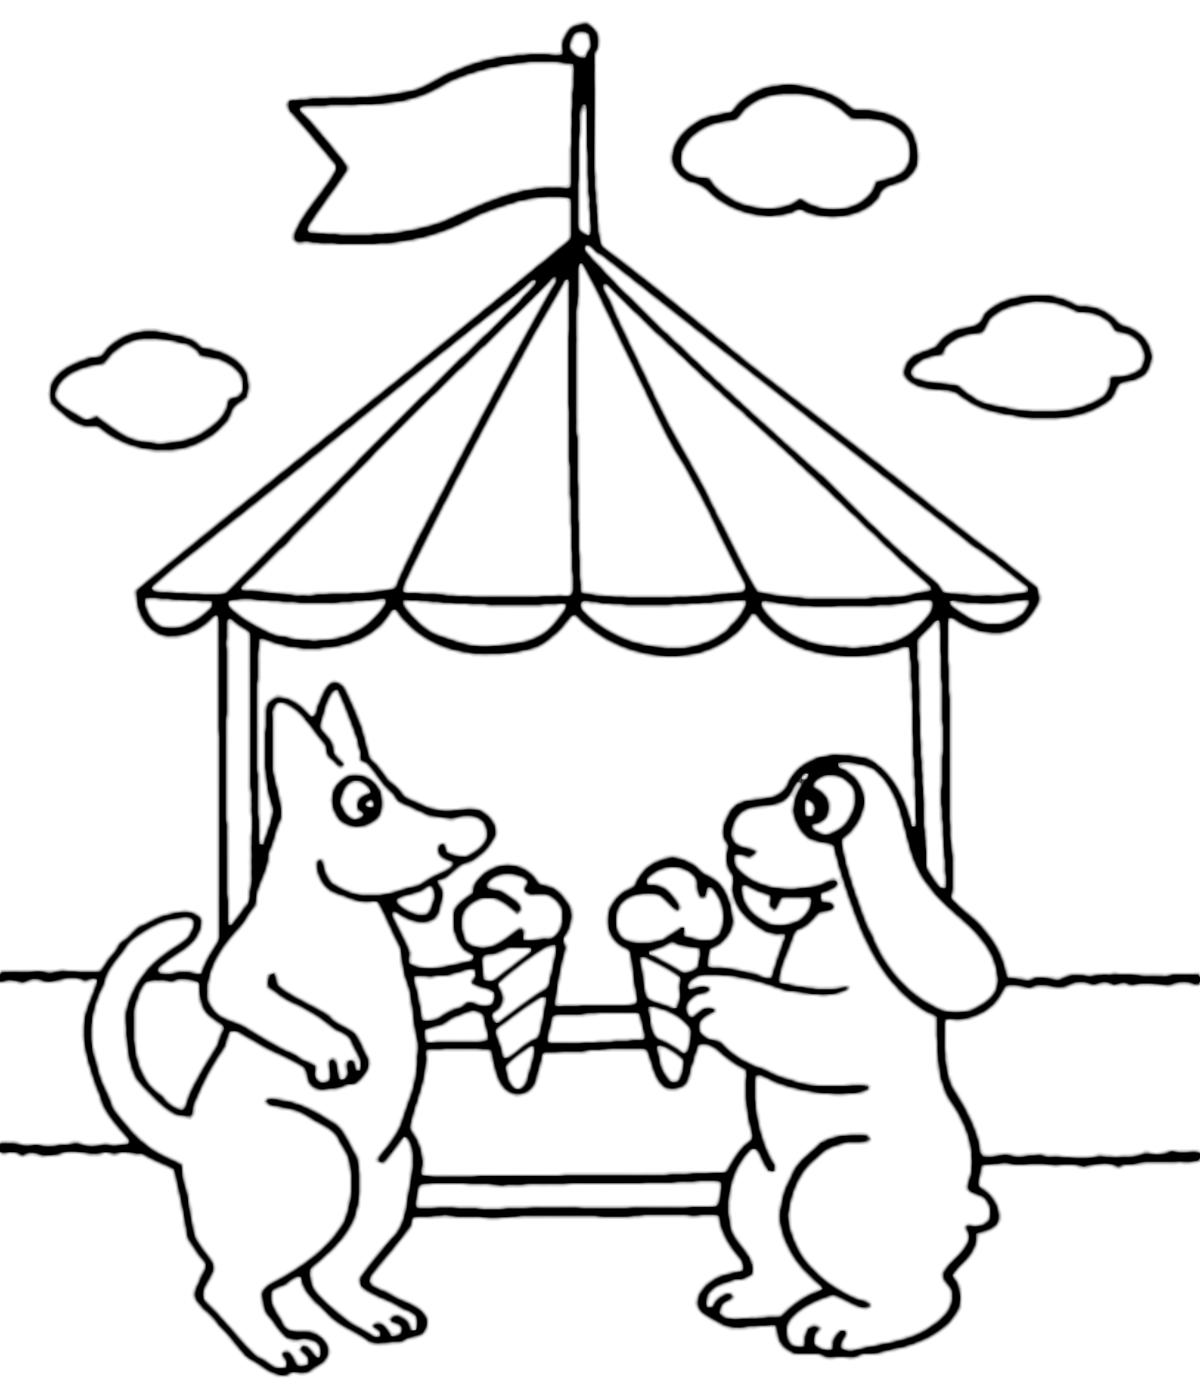 la pimpa la pimpa e tito mangiano un gelato On pimpa da stampare e colorare